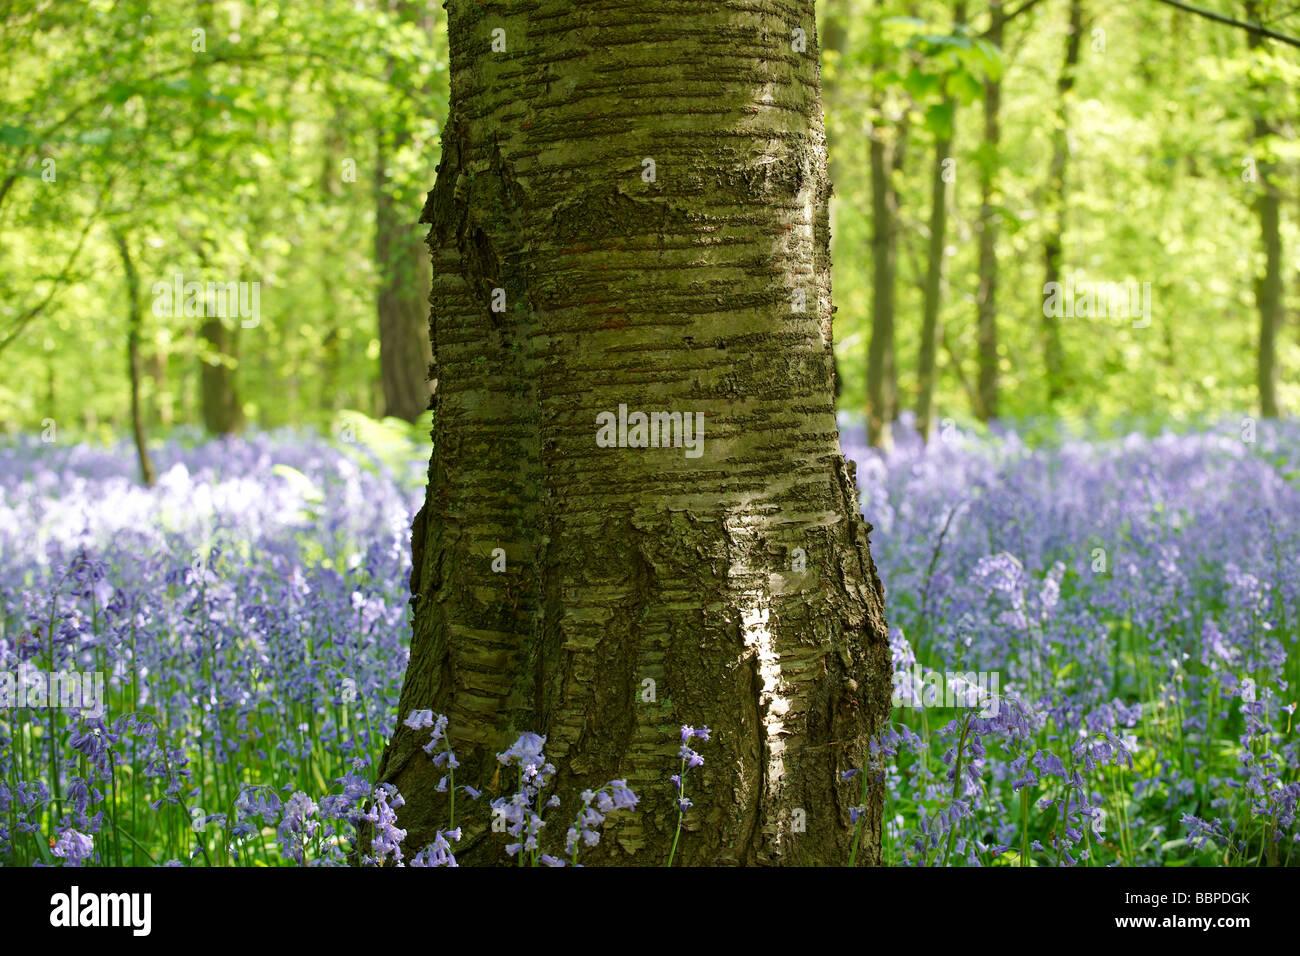 Baum steht in einem Holz voller Glockenblumen Stockbild